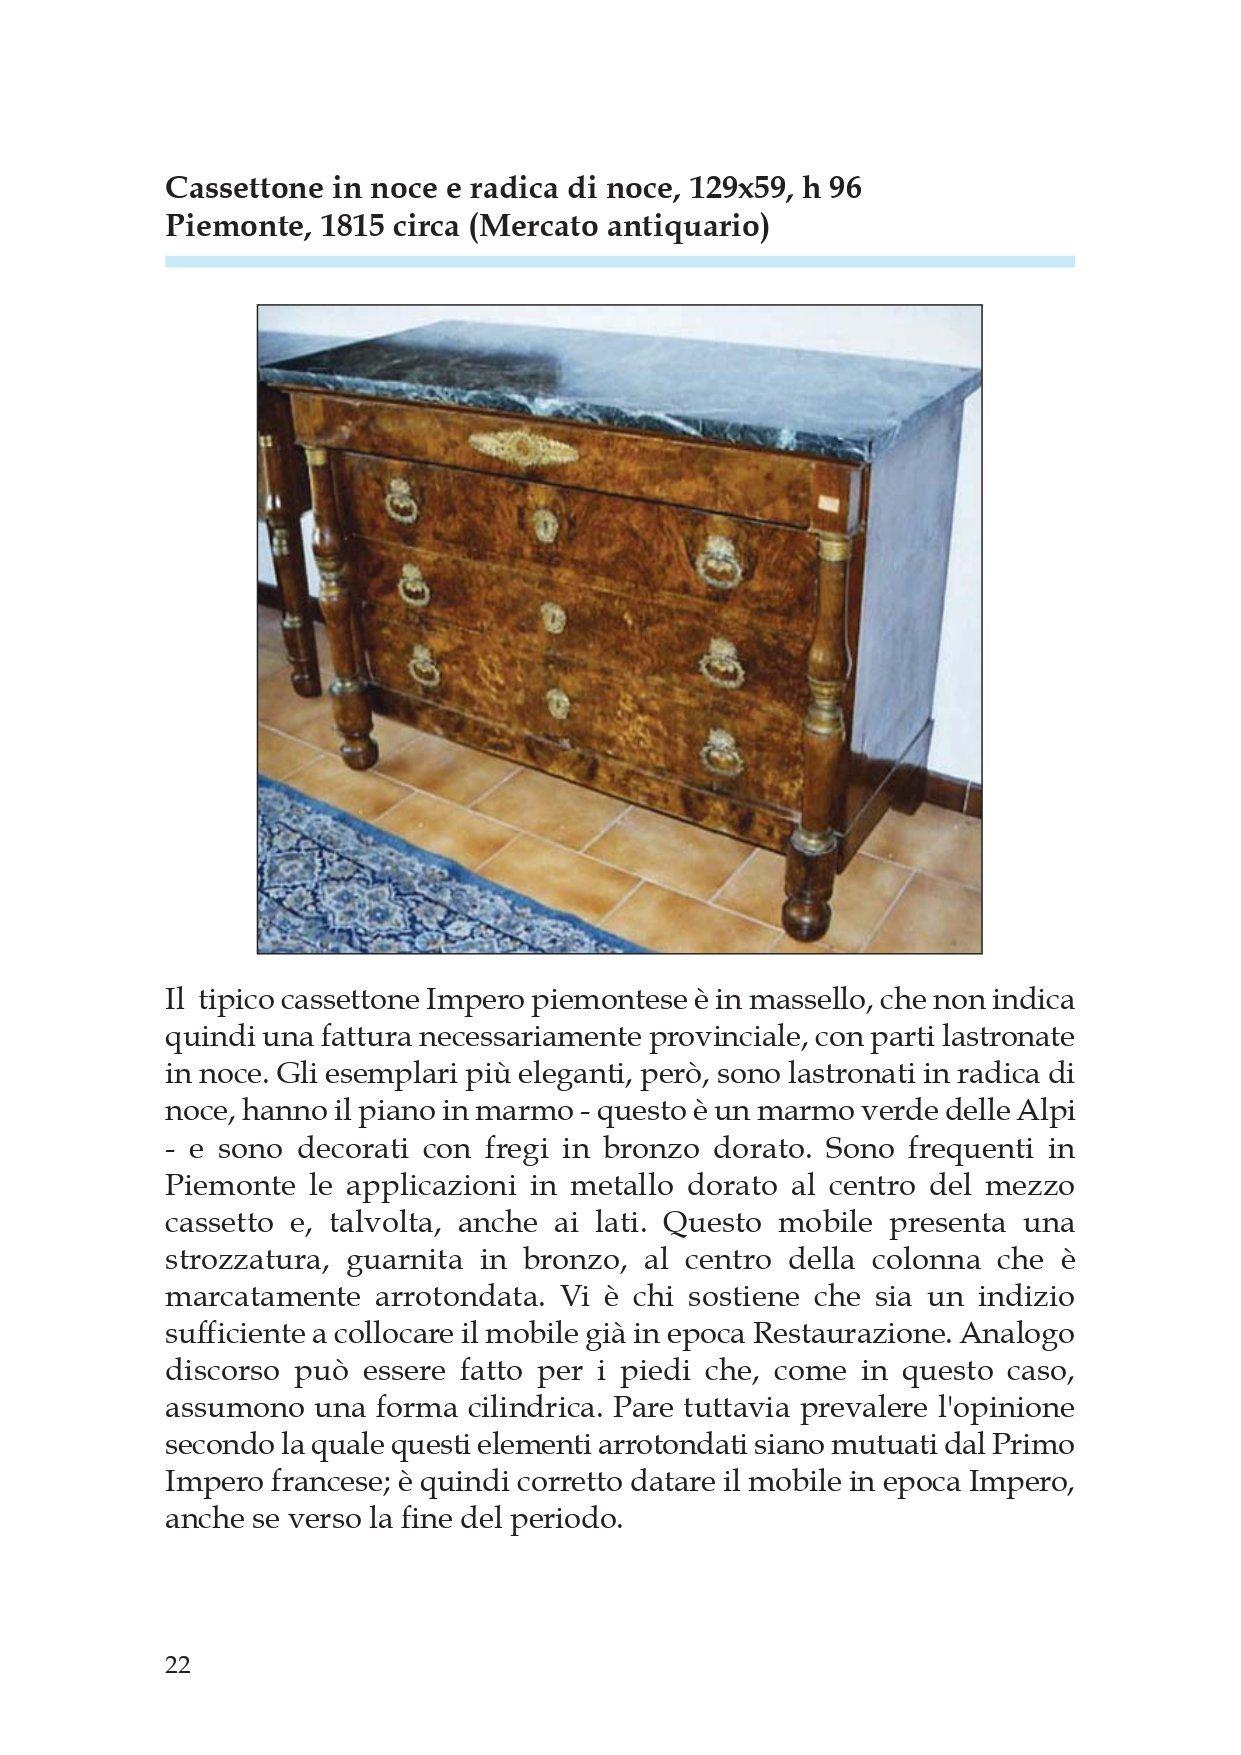 pag.22